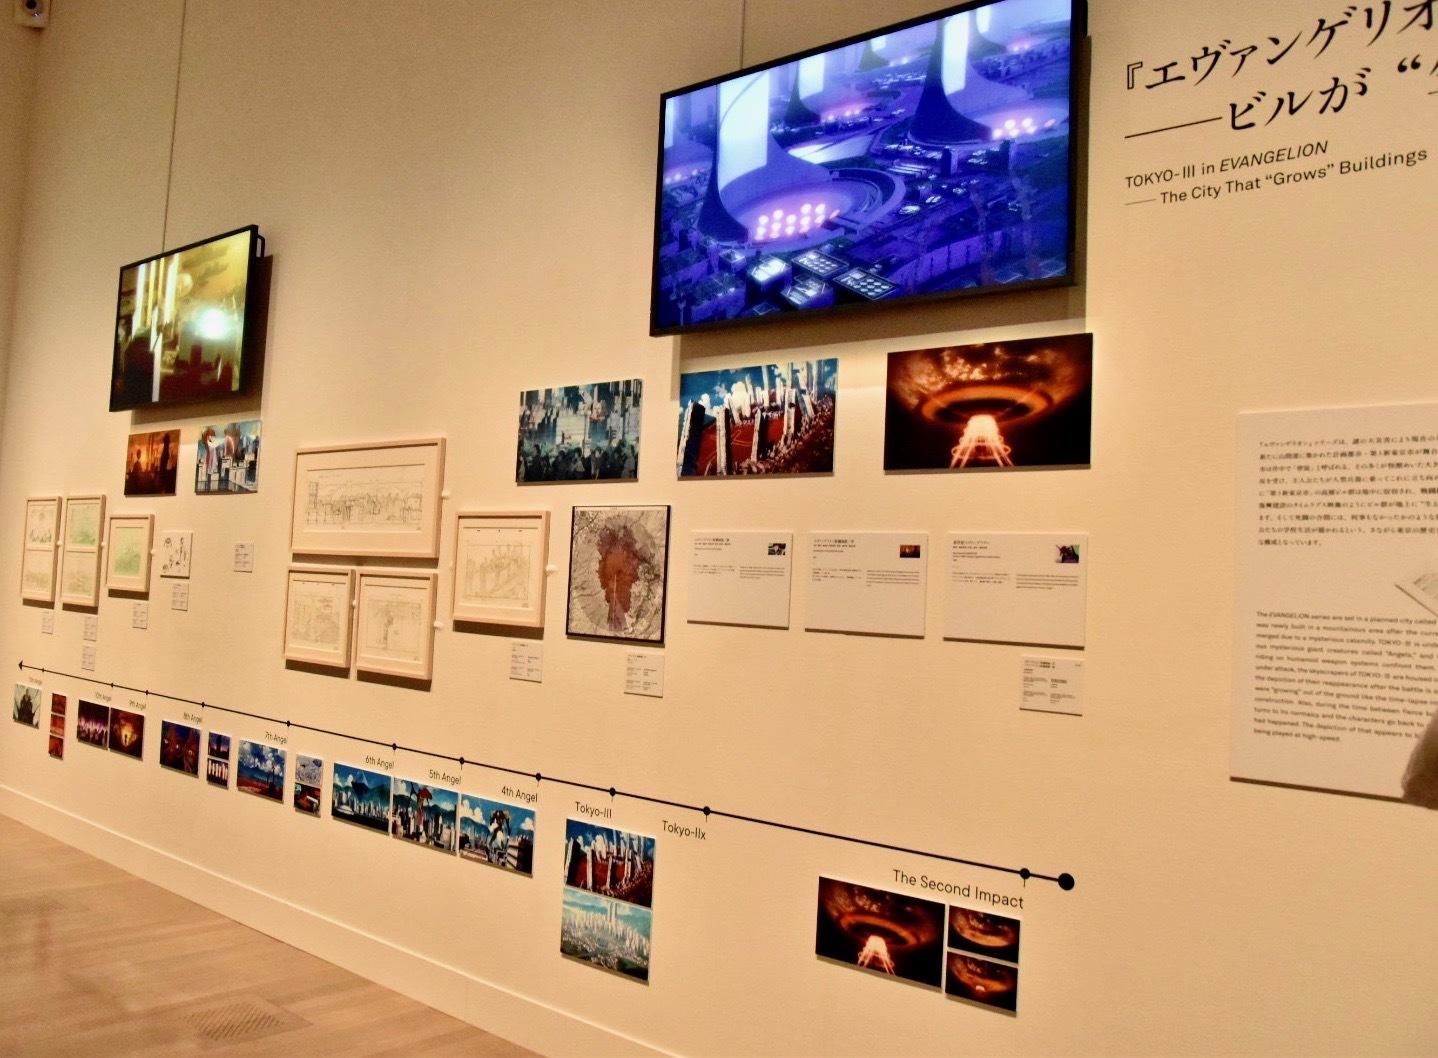 セクション1「破壊と復興の反復」より『エヴァンゲリオン』シリーズ(庵野秀明)の展示風景